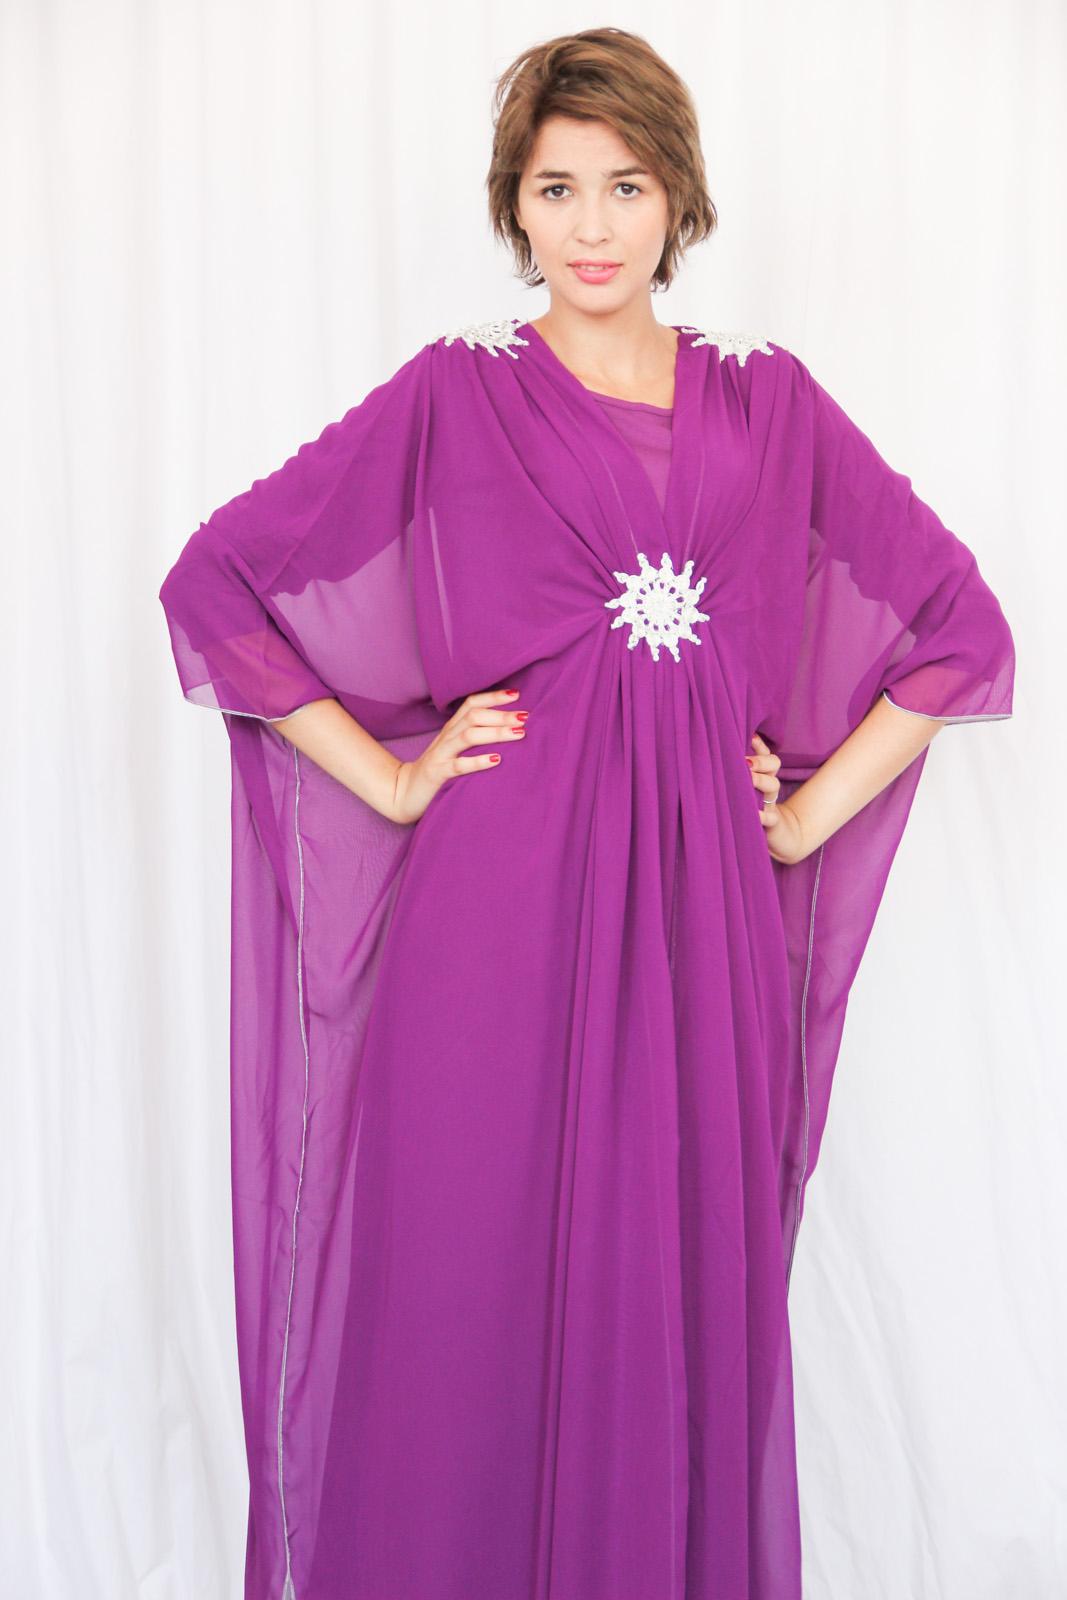 Abaya marocaine nouveau design